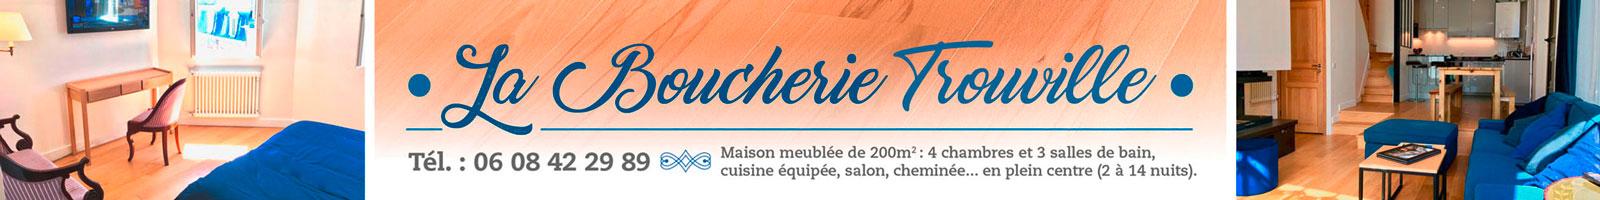 La Boucherie Trouville